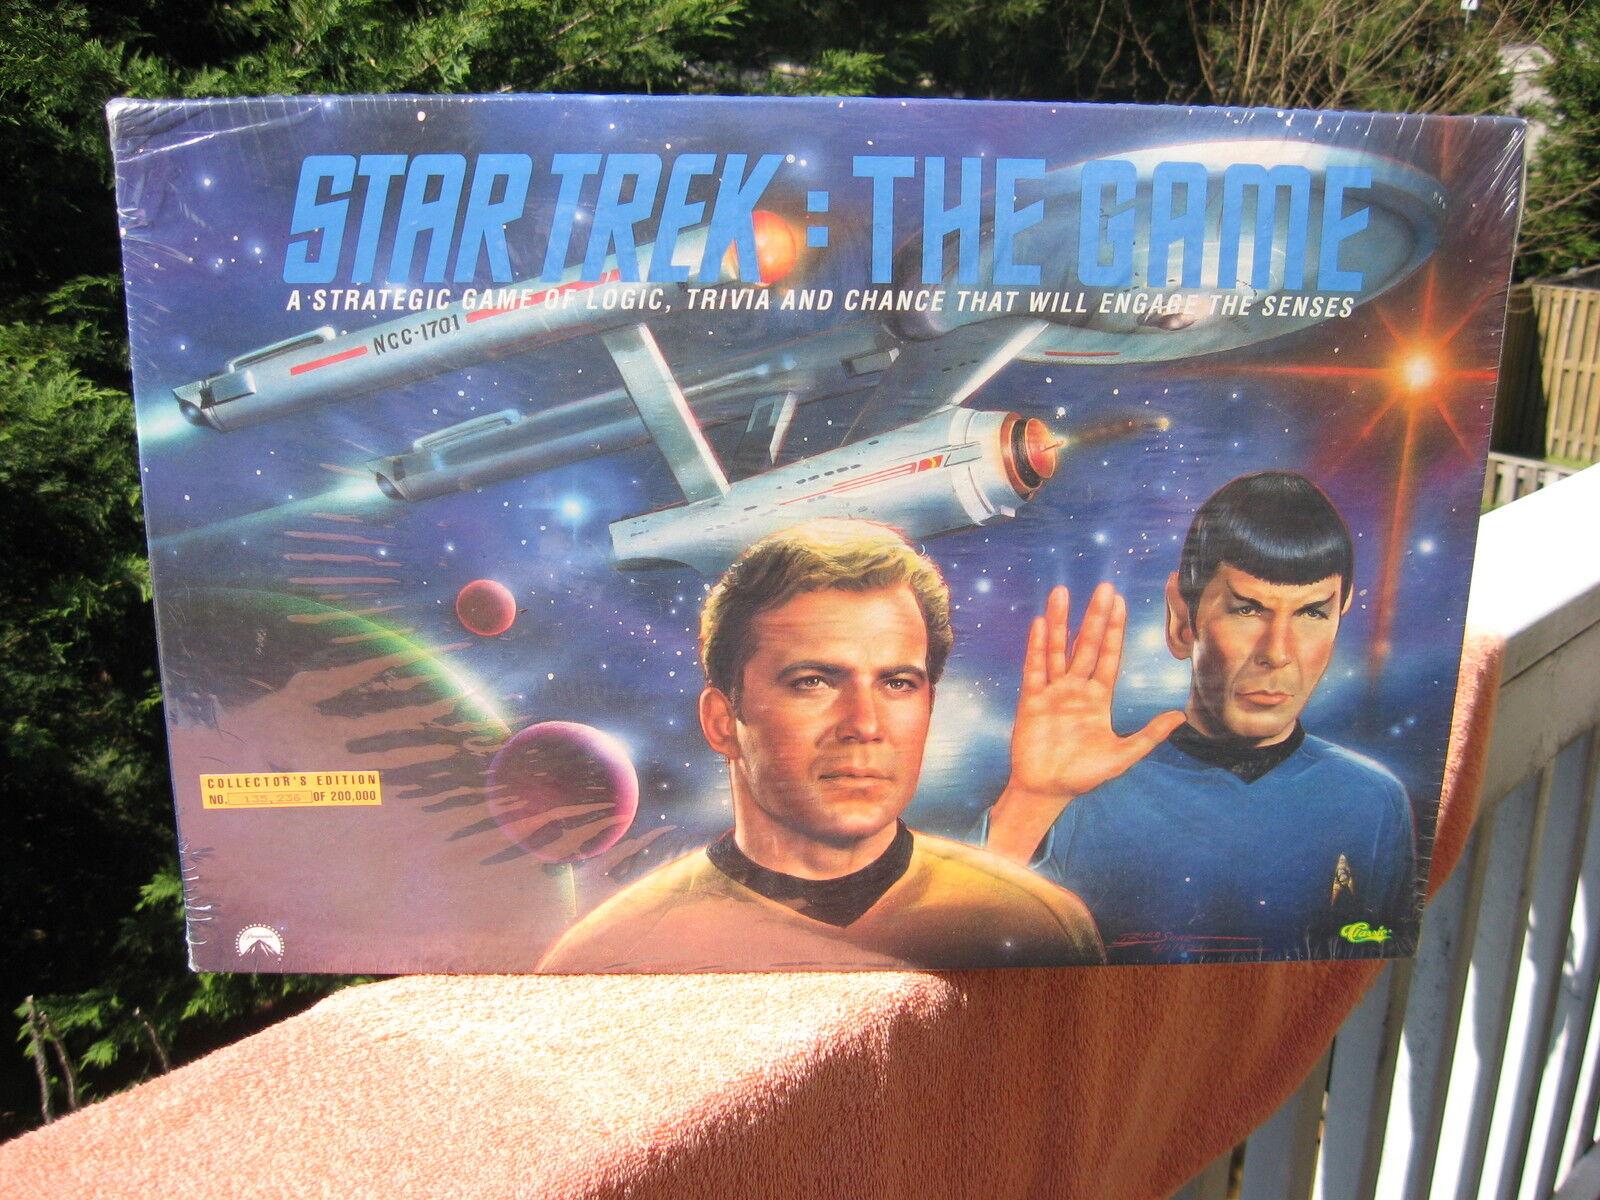 Jahrgang 1992 star trek das spiel collectors edition von classic games  versiegelt